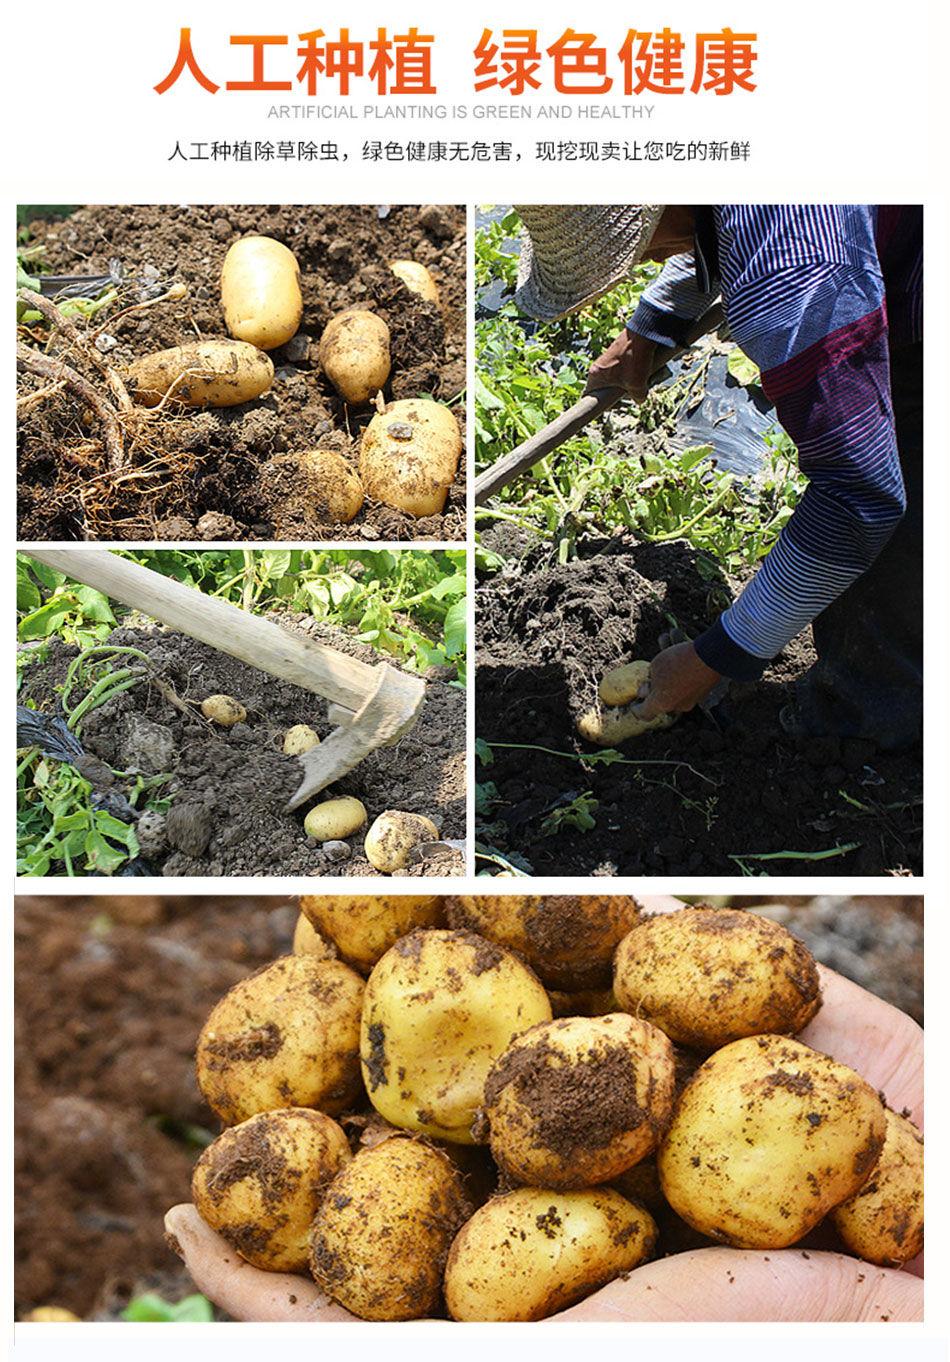 新鲜土豆批发蔬菜农家非转基因大中土豆马铃薯地瓜净重9斤5斤3斤